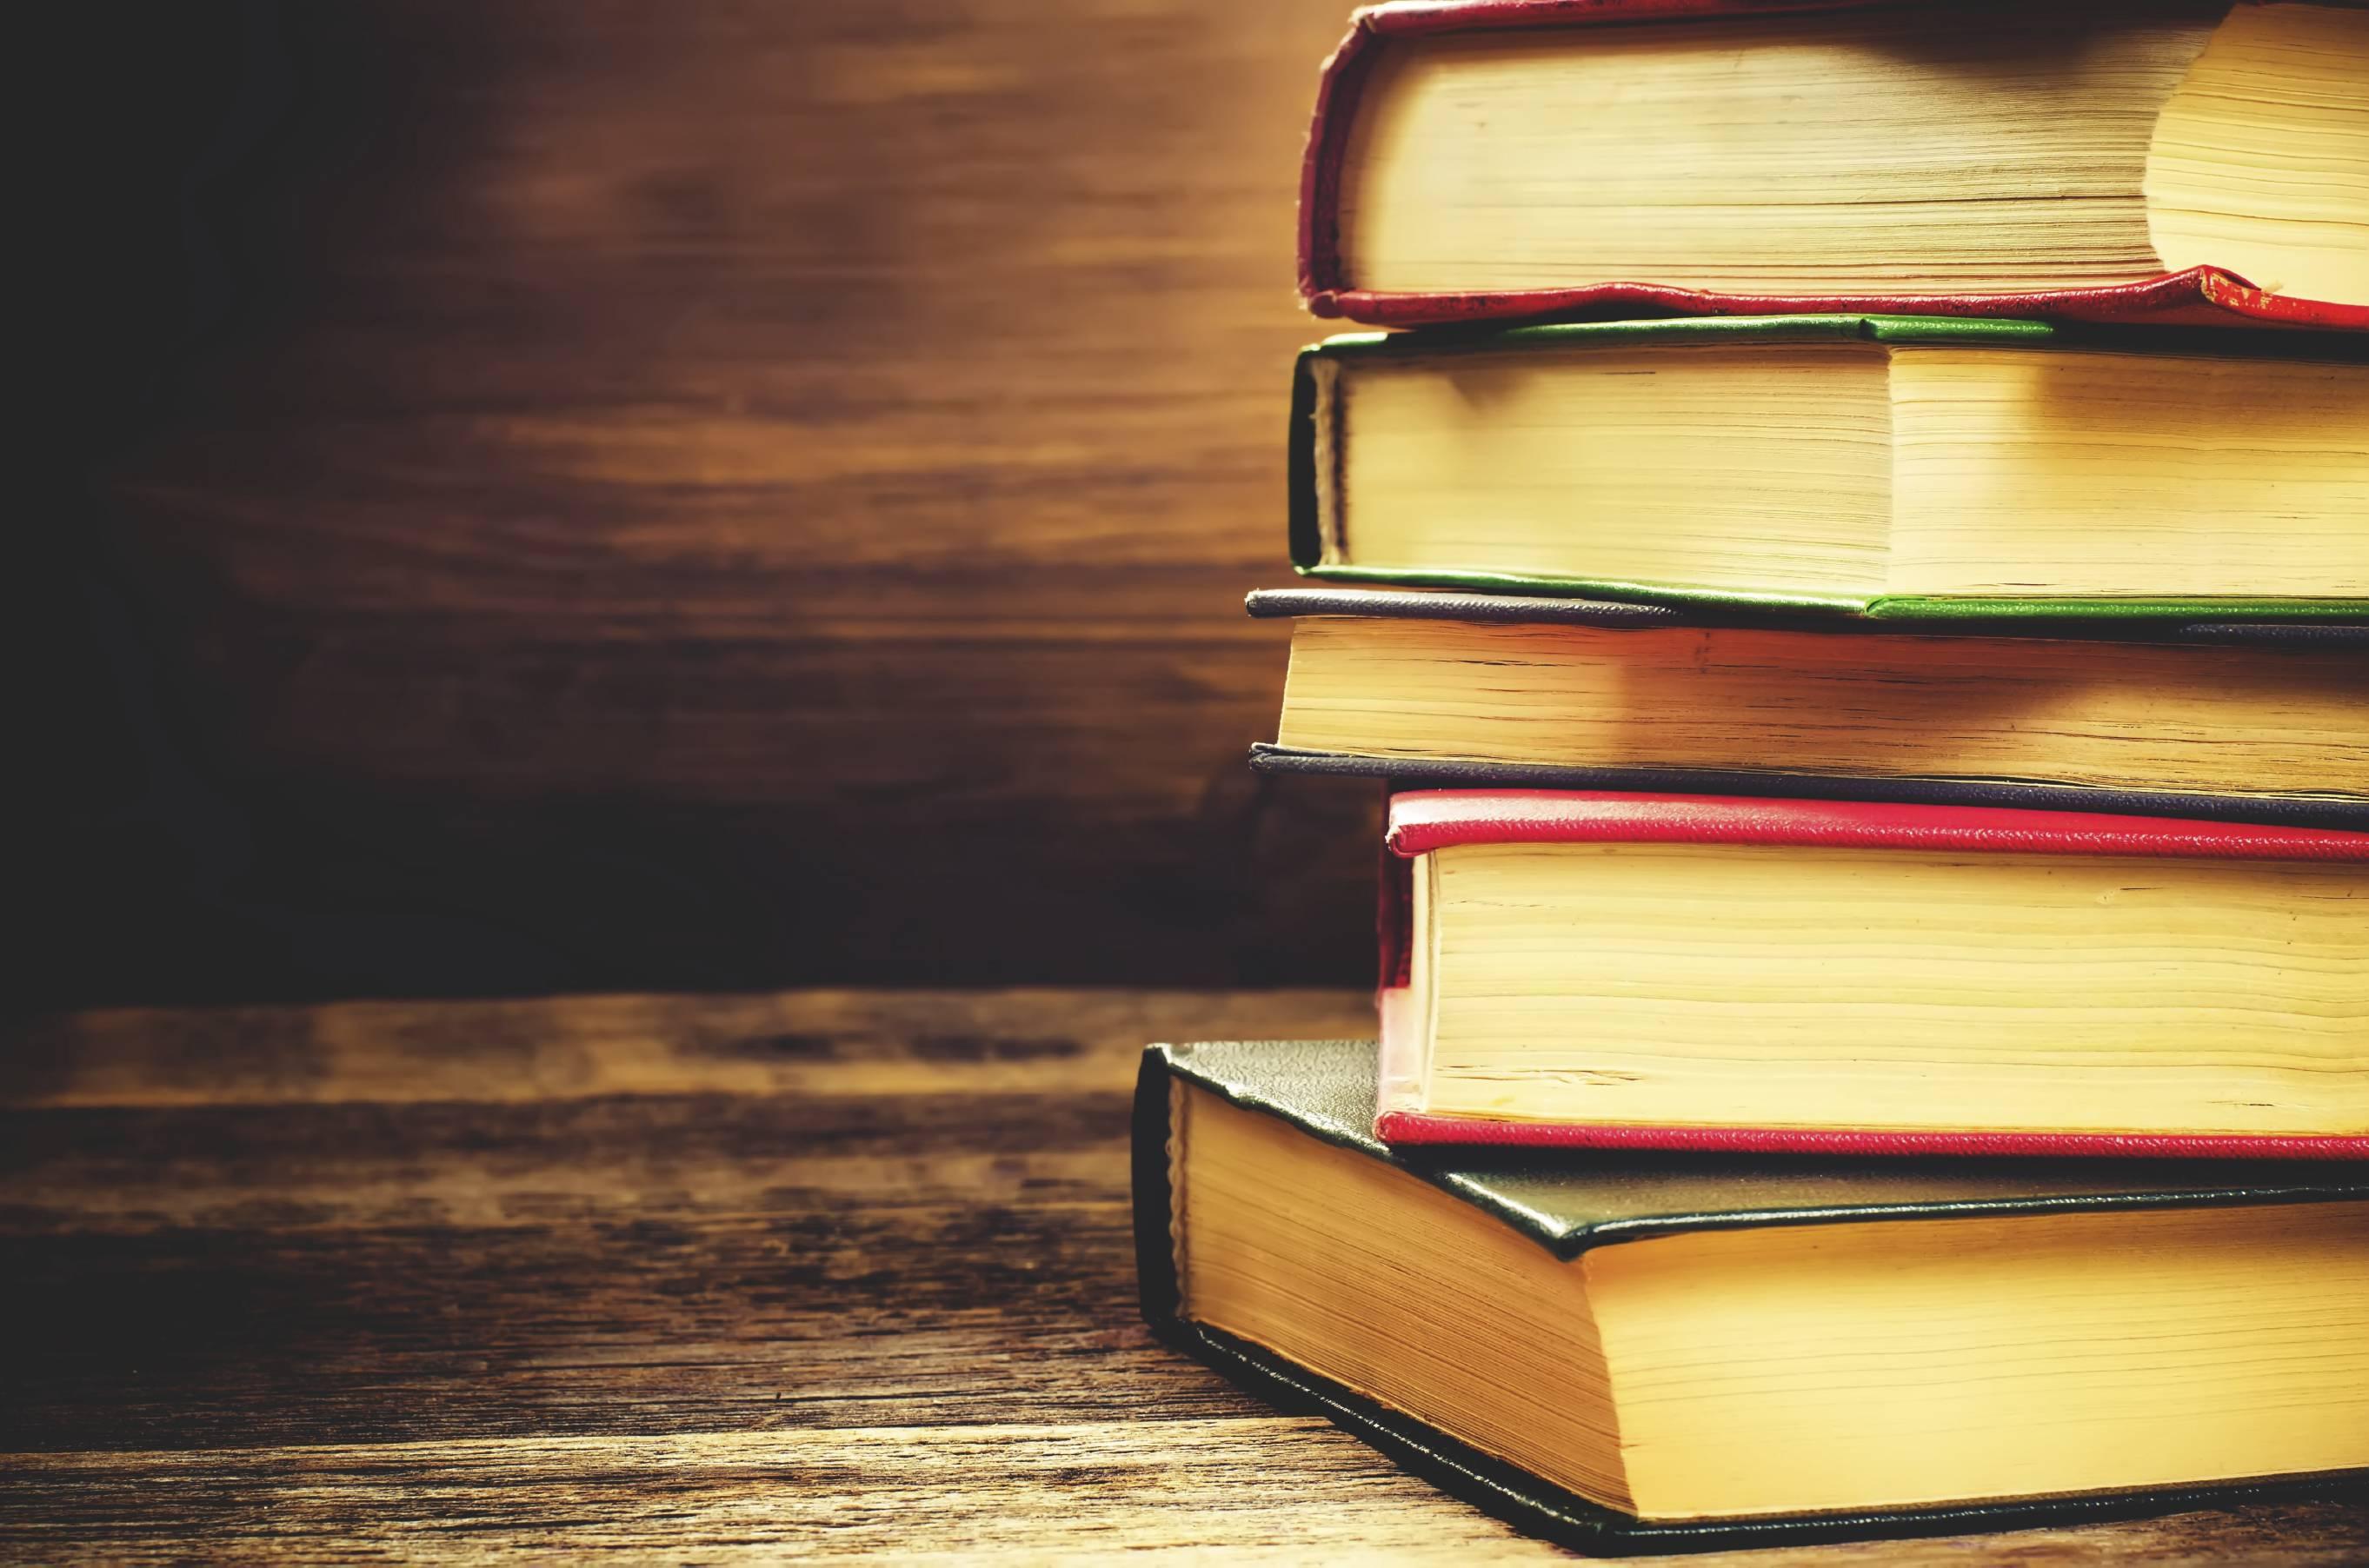 لغو برگزاری فیزیکی نمایشگاه کتاب در سال ۹۹/ یک برگ نسخه خطی بنیاد پروفسور حسابی مرمت شد